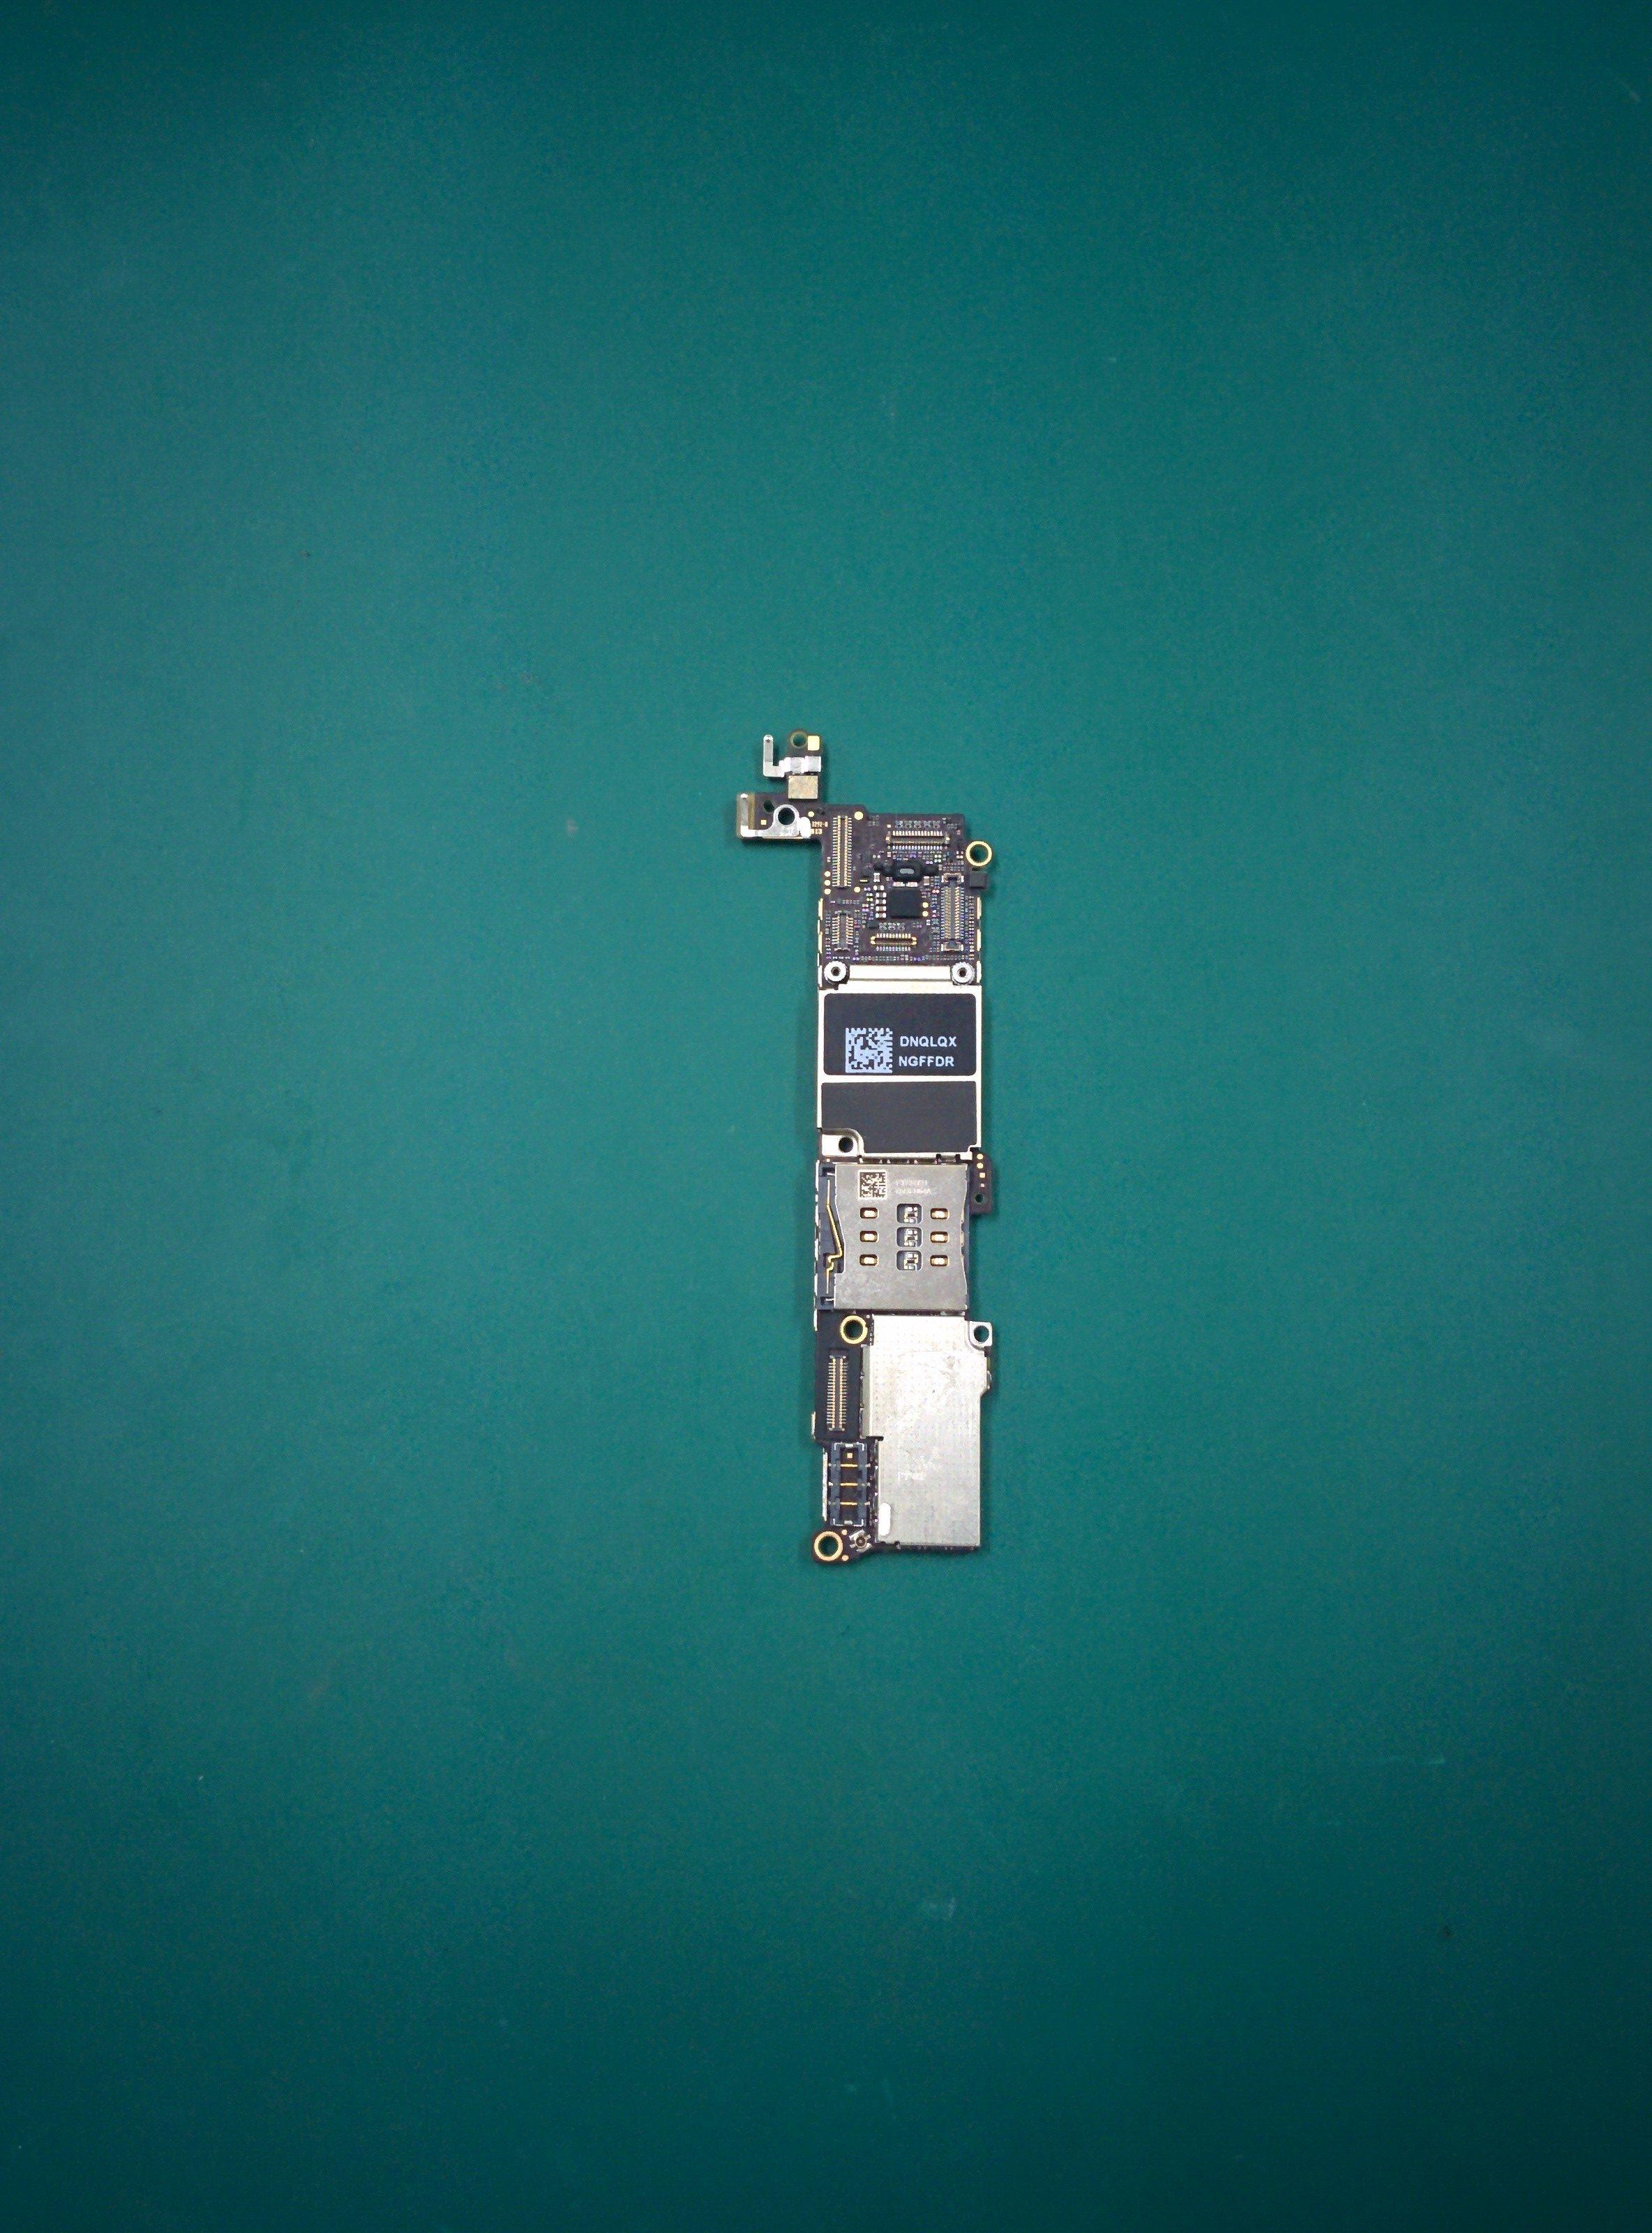 水没復旧で取り外したiPhone 5Sのメイン基盤